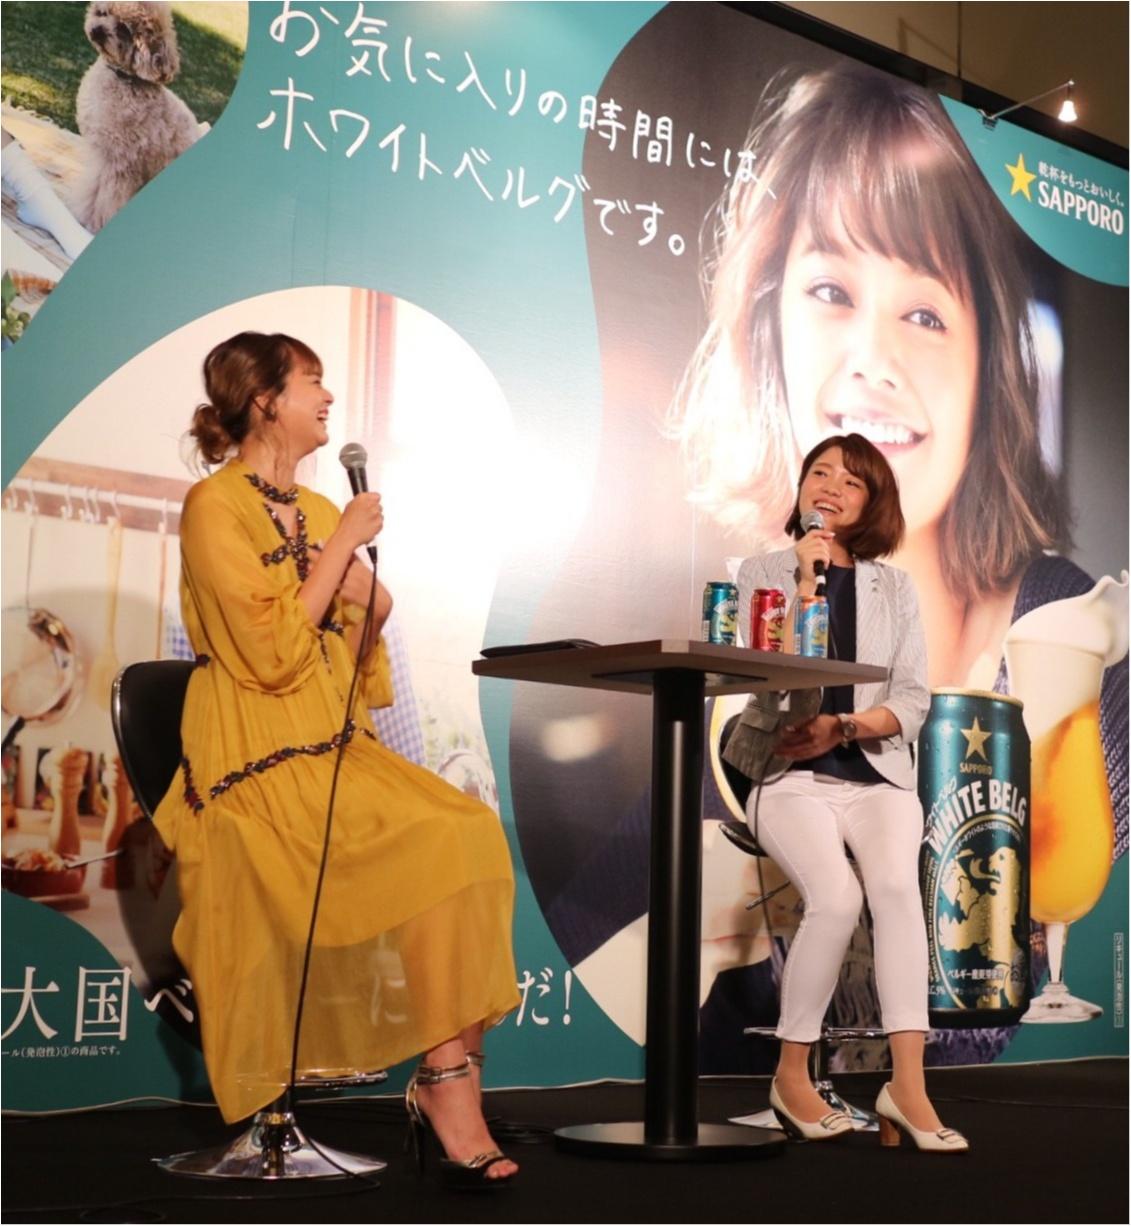 岸本セシルおすすめ♡ 『ホワイトベルグゼミ』ファンイベントに潜入してきました!_3